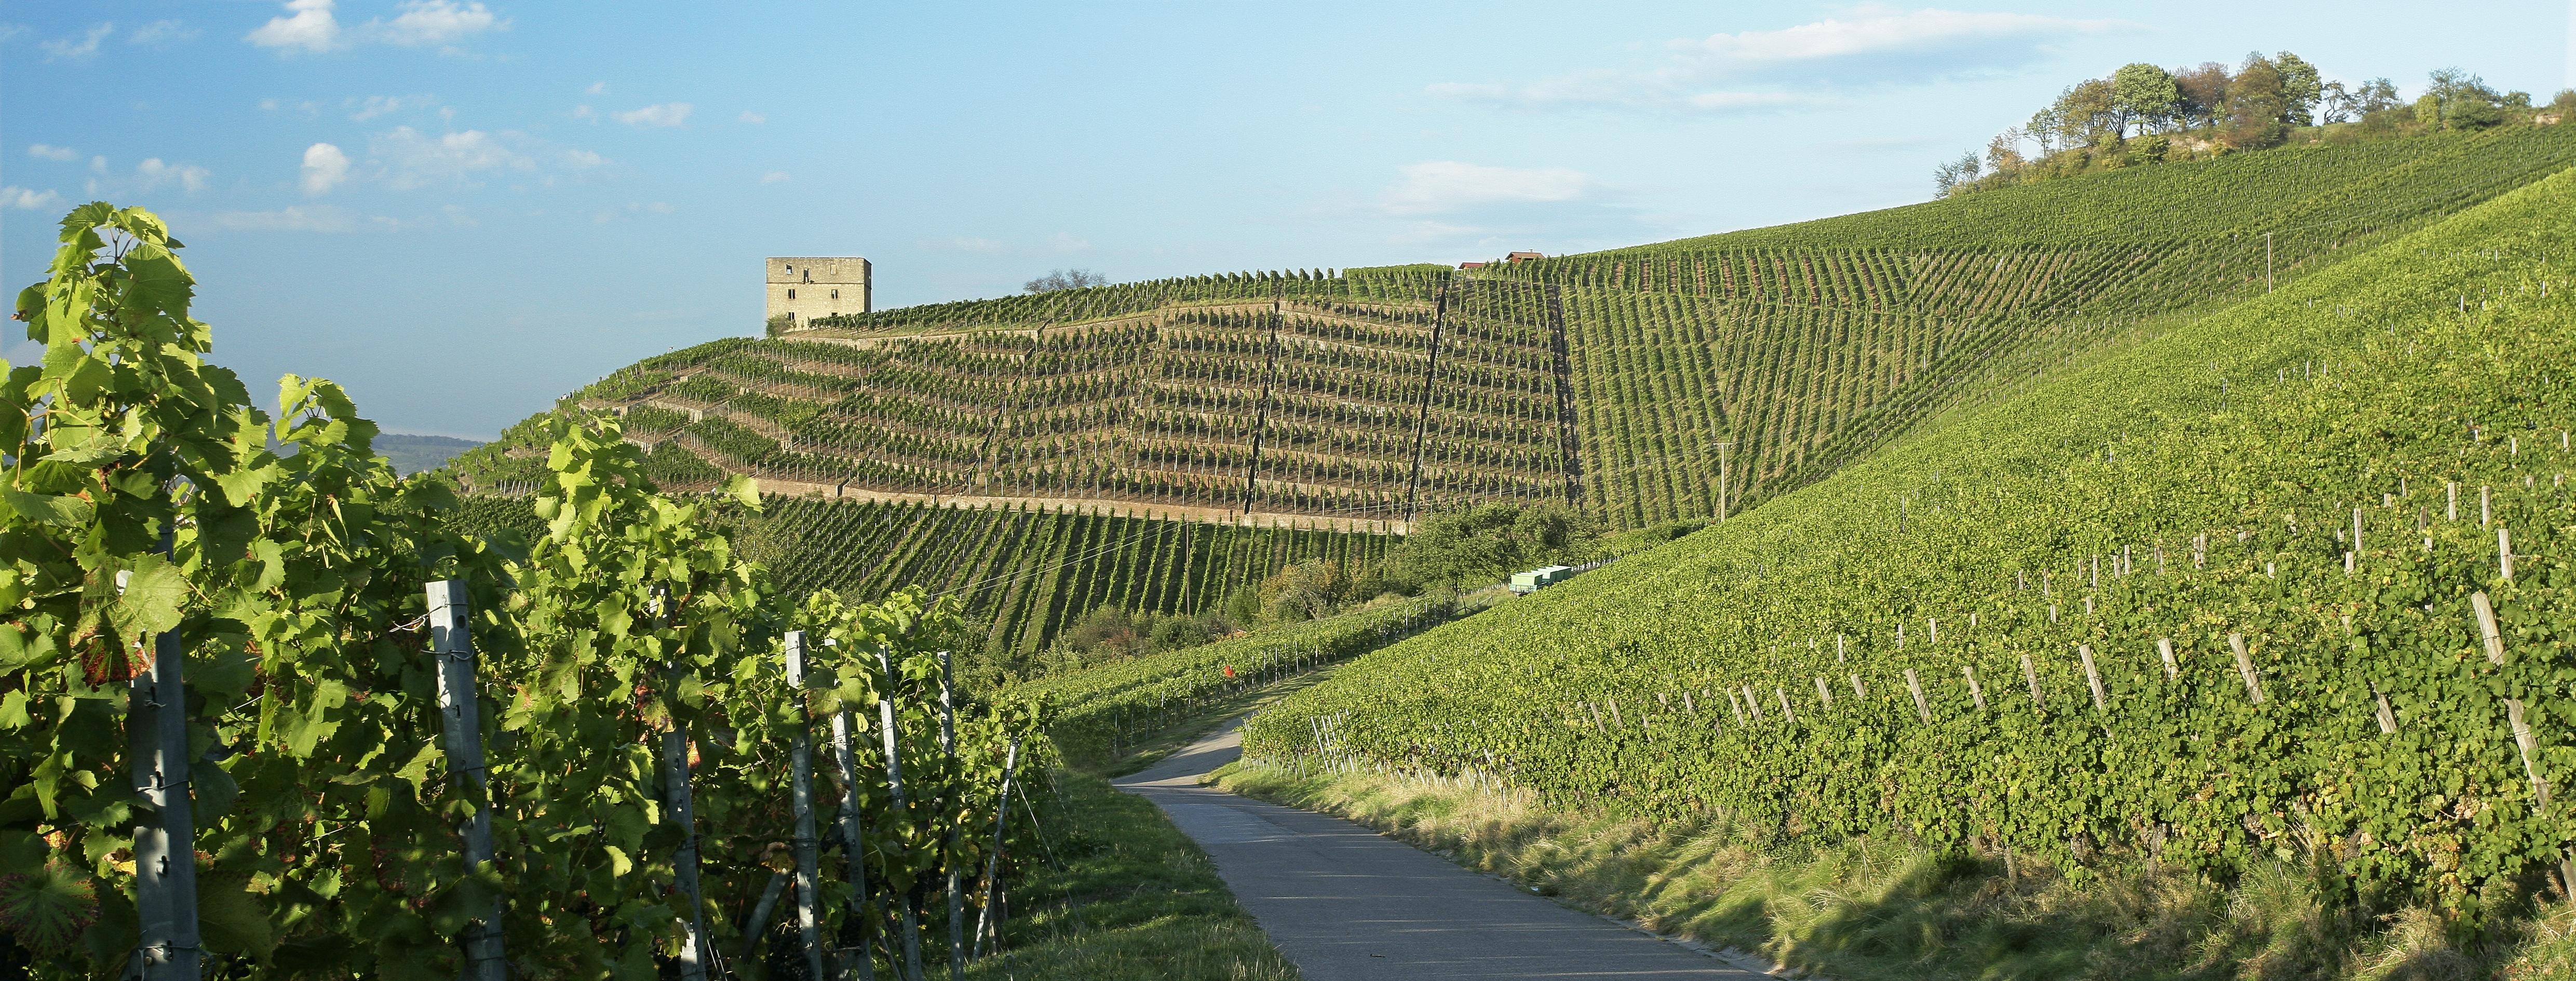 Steillage Stettener Brotwasser mit Y-Burg im Remstal Württemberg